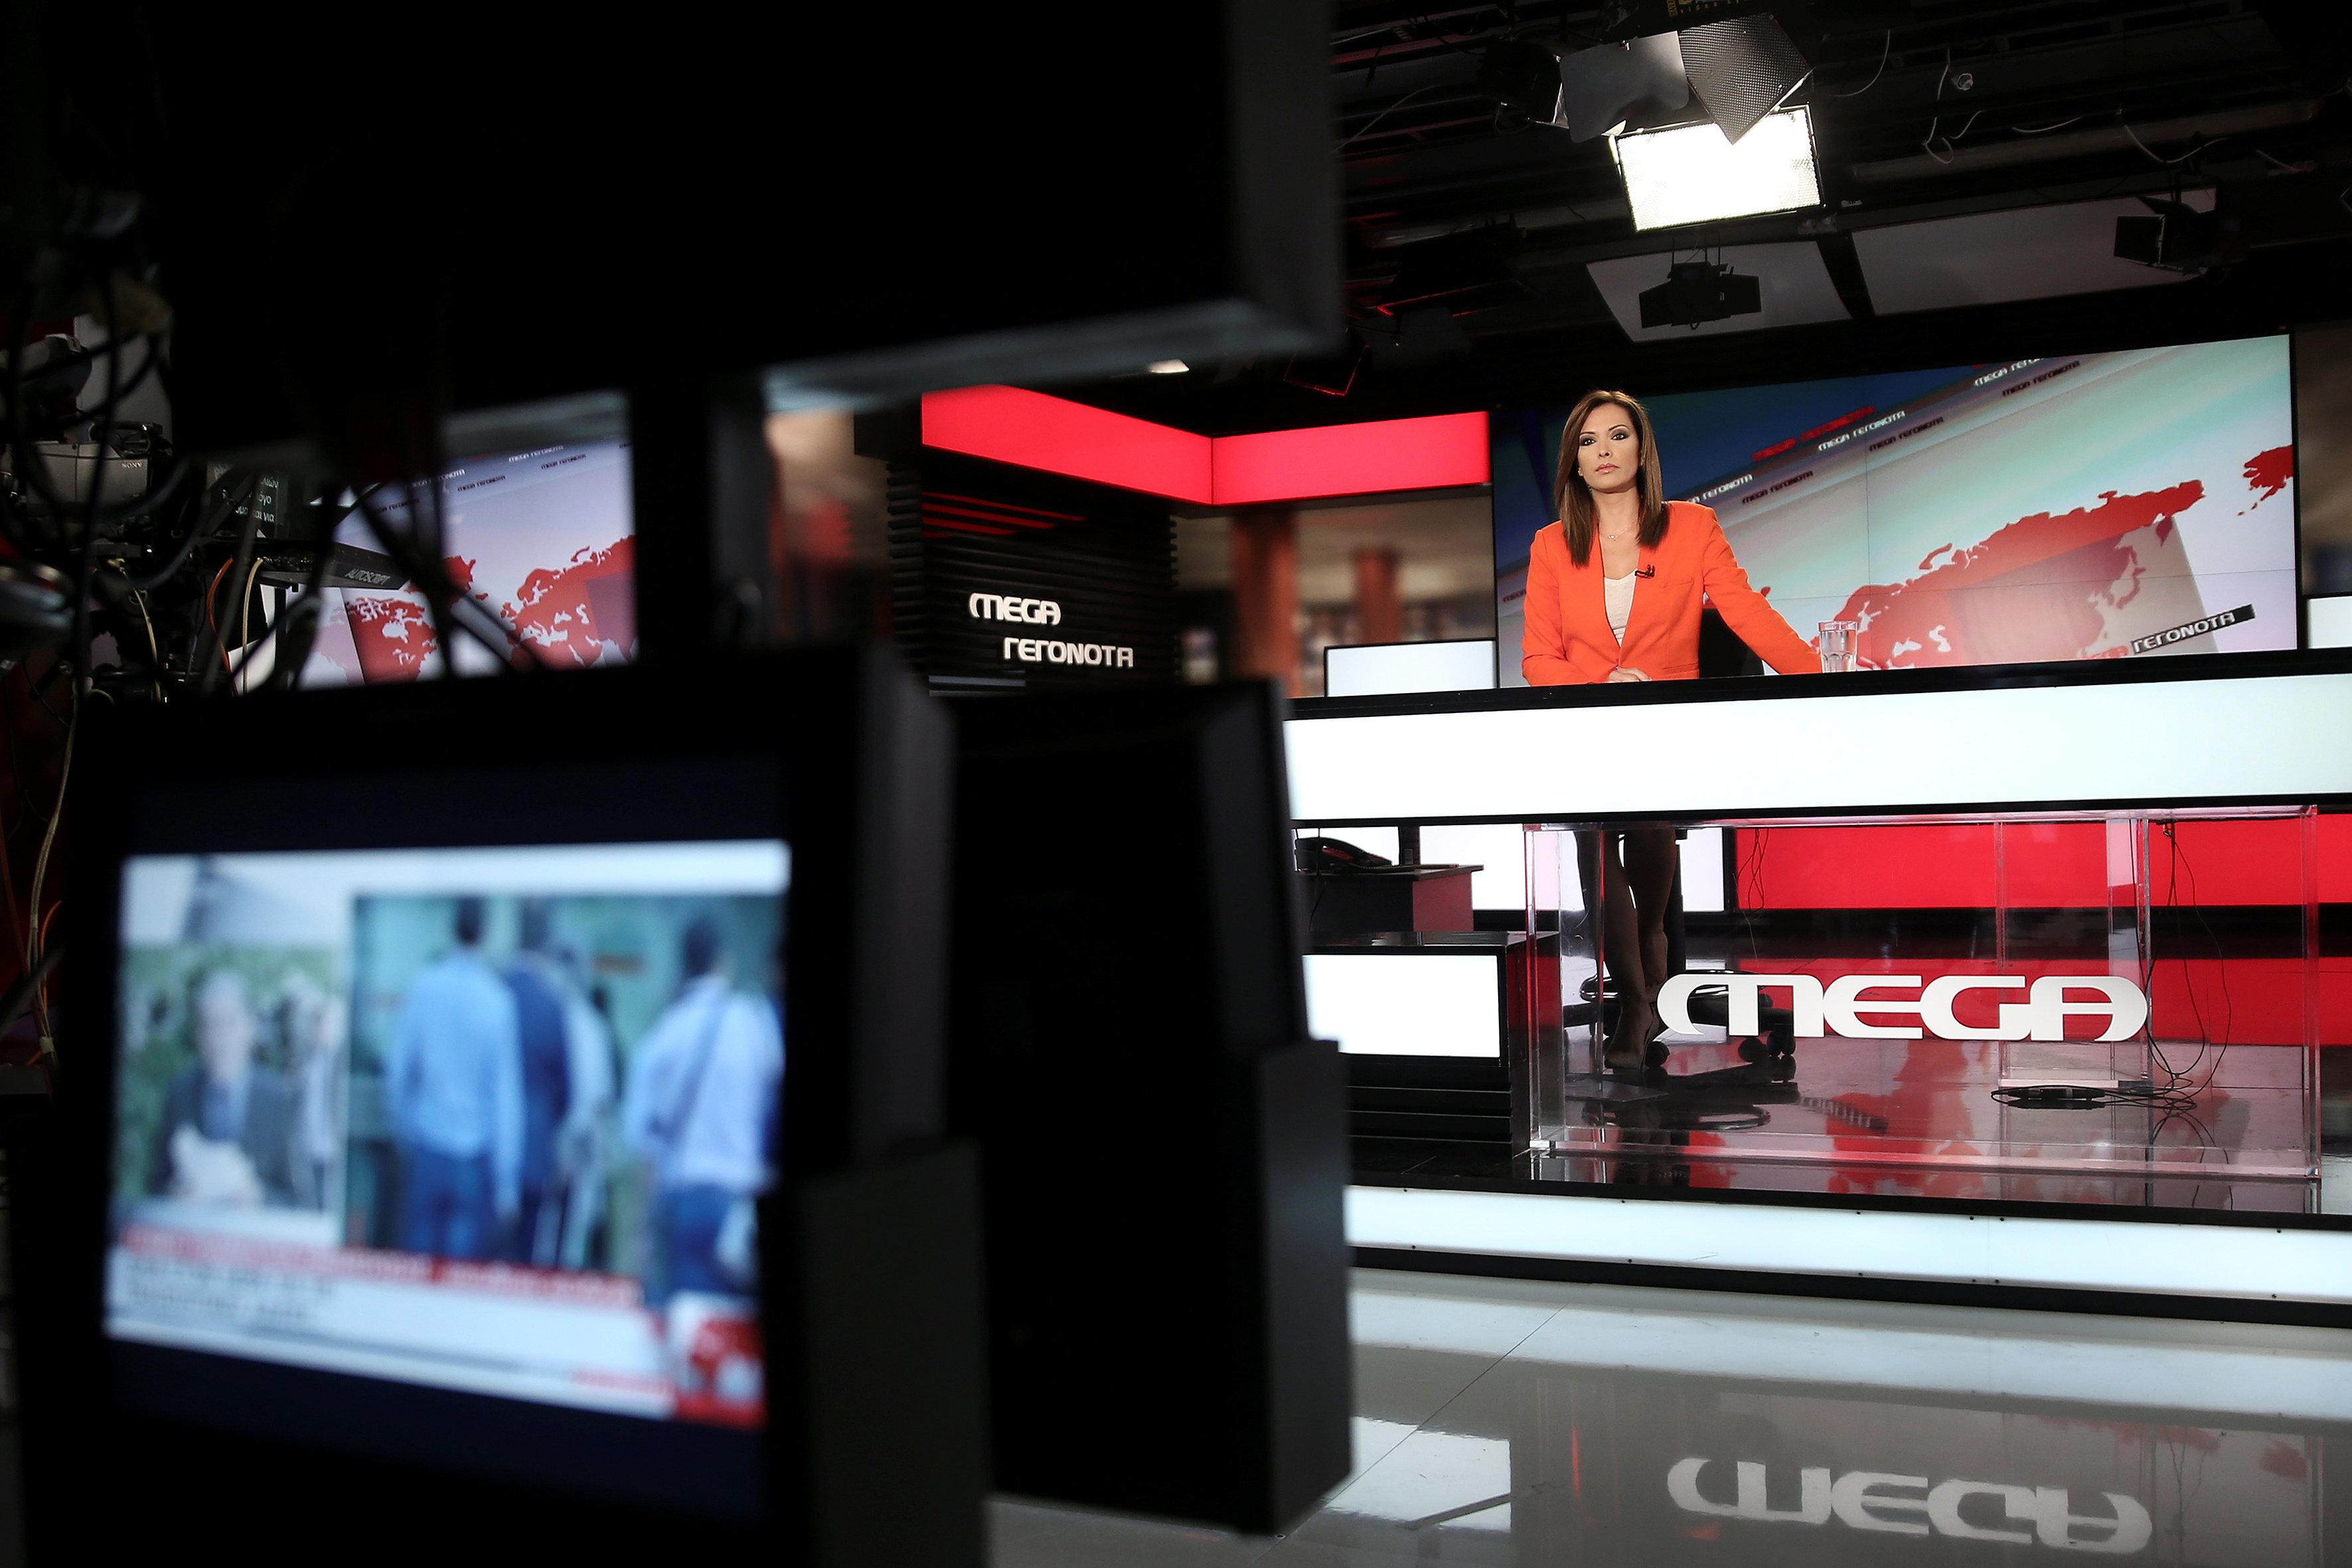 ΕΣΡ για MEGA: Στους σκοπούς μας δεν περιλαμβάνεται η παρέμβαση και η στήριξη επιχειρηματικών σχεδίων